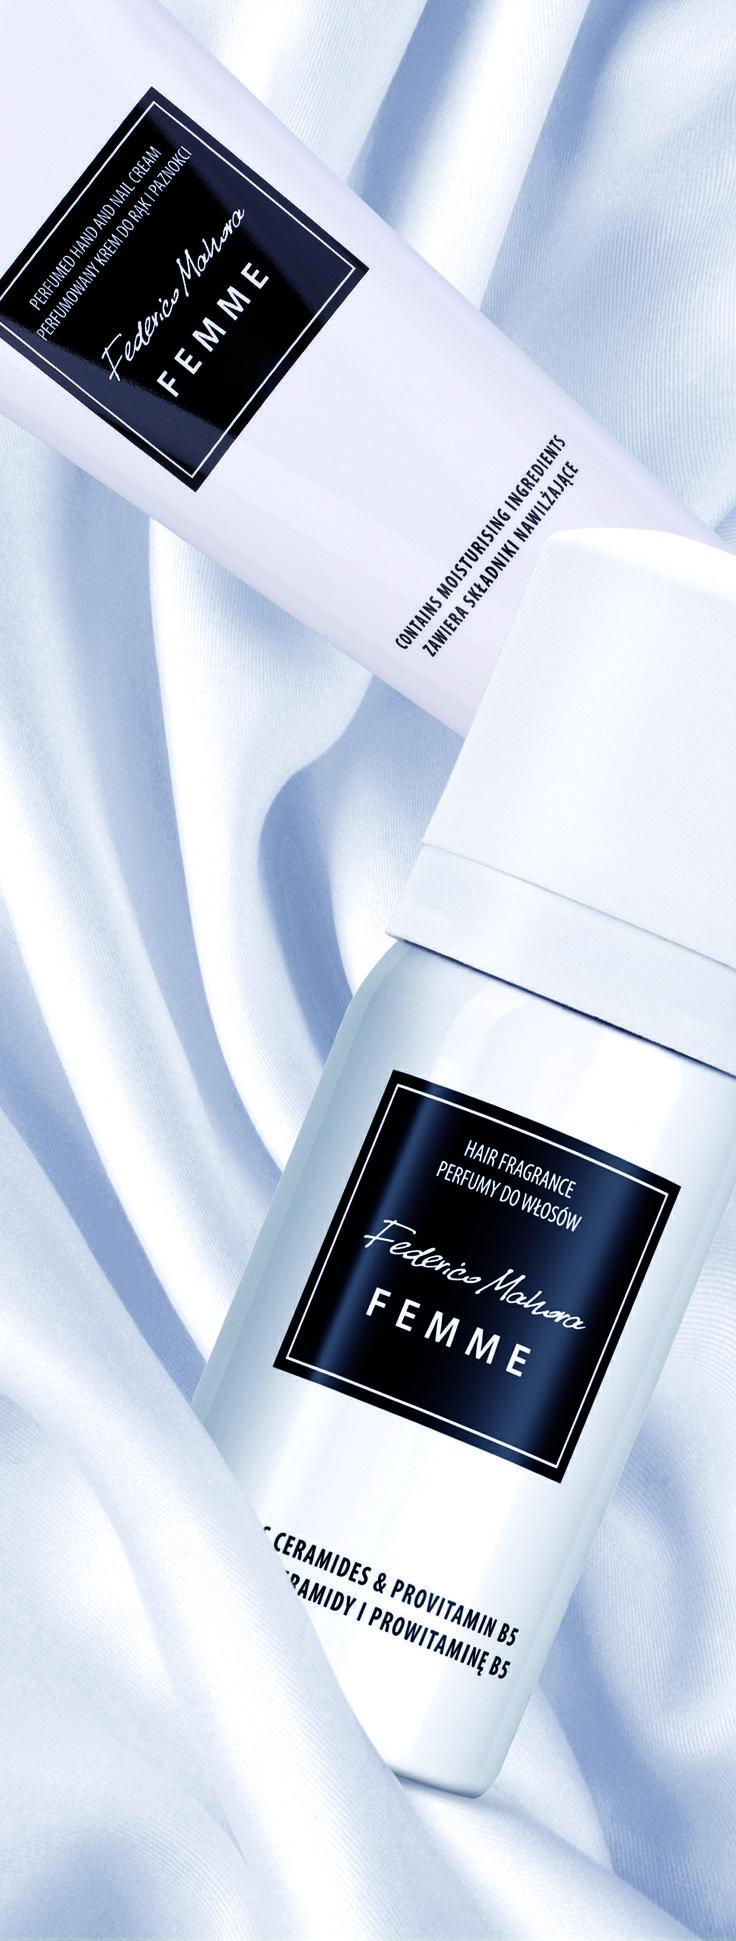 Σειρά περιποίησης σώματος Federico Mahora γυναικεία, για καθημερινή απαλότητα με ευχάριστο άρωμα.